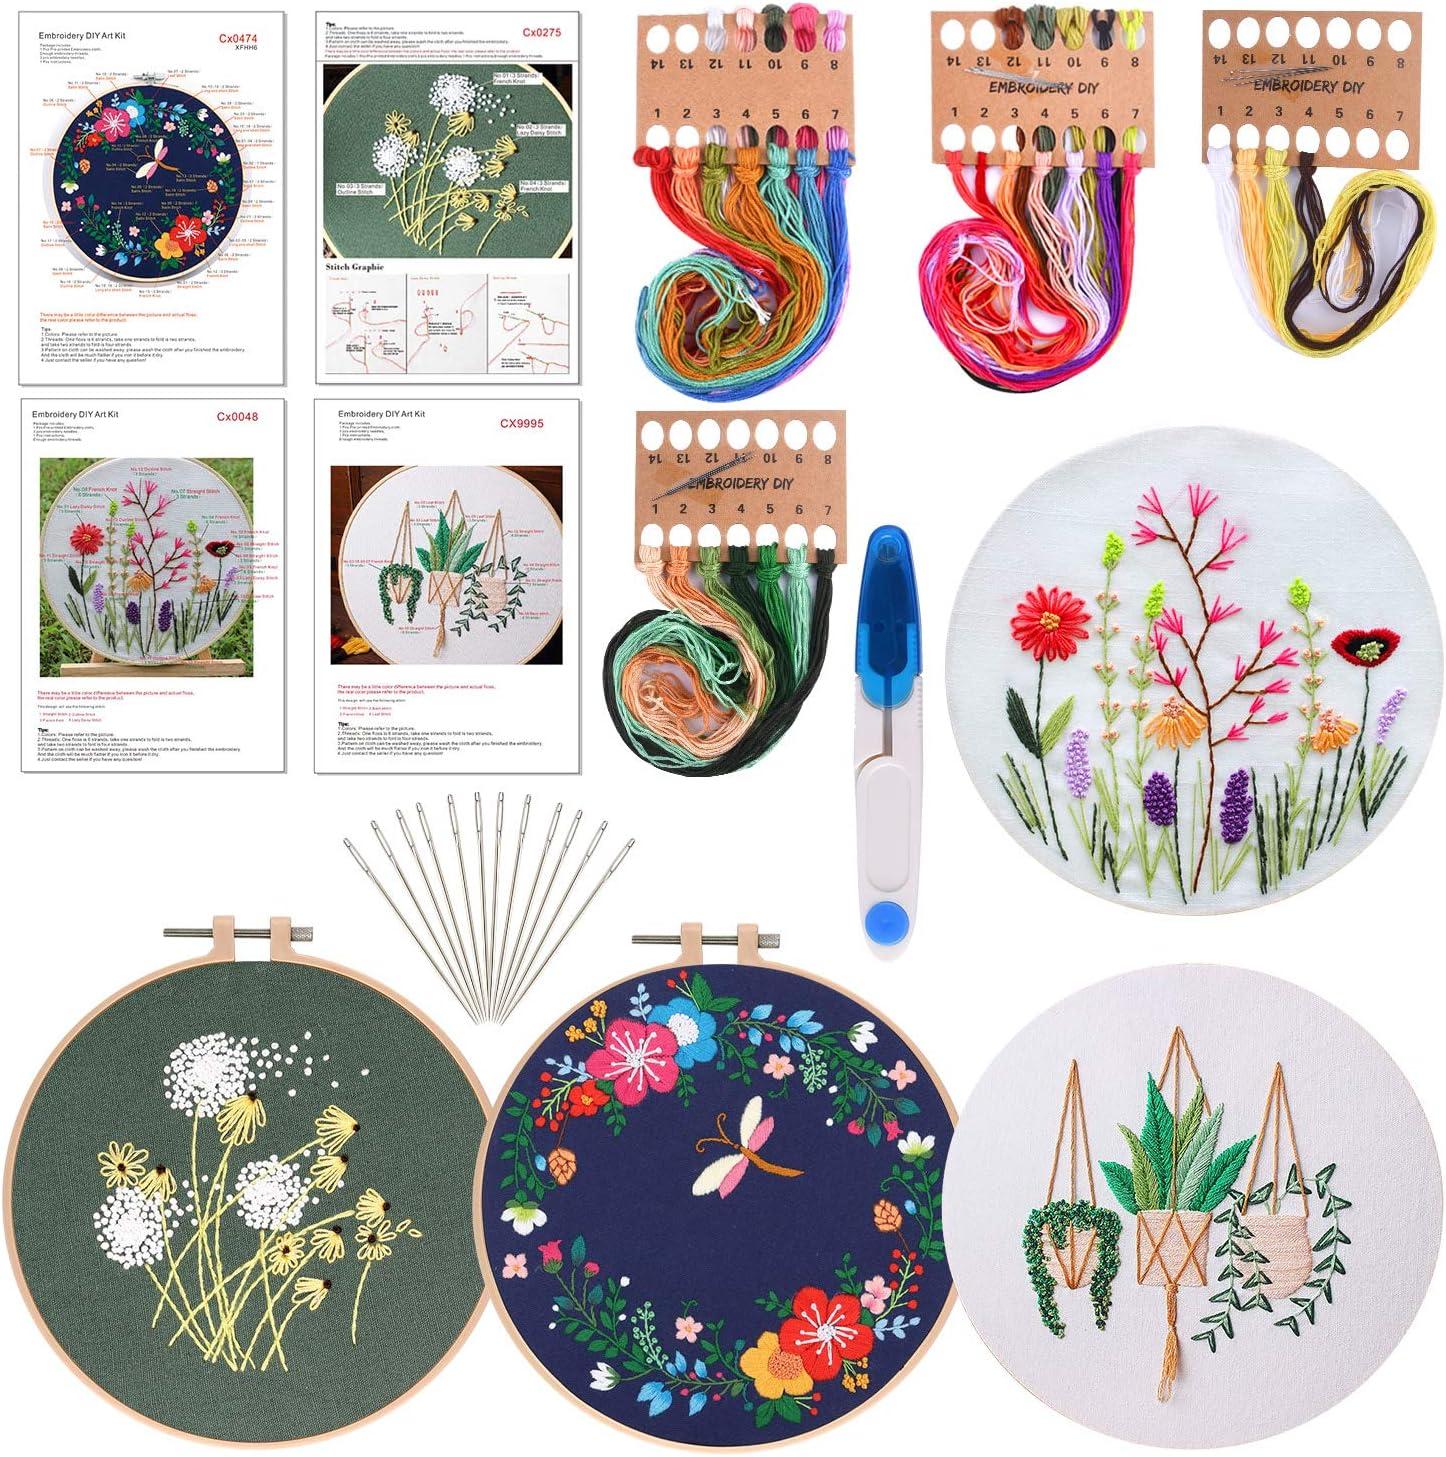 FEPITO 4 juegos con patrón e instrucciones El kit de punto de cruz incluye 4 piezas de ropa de bordado con patrón floral, 2 aros de bordado, tijera, kit de agujas de hilos de colores